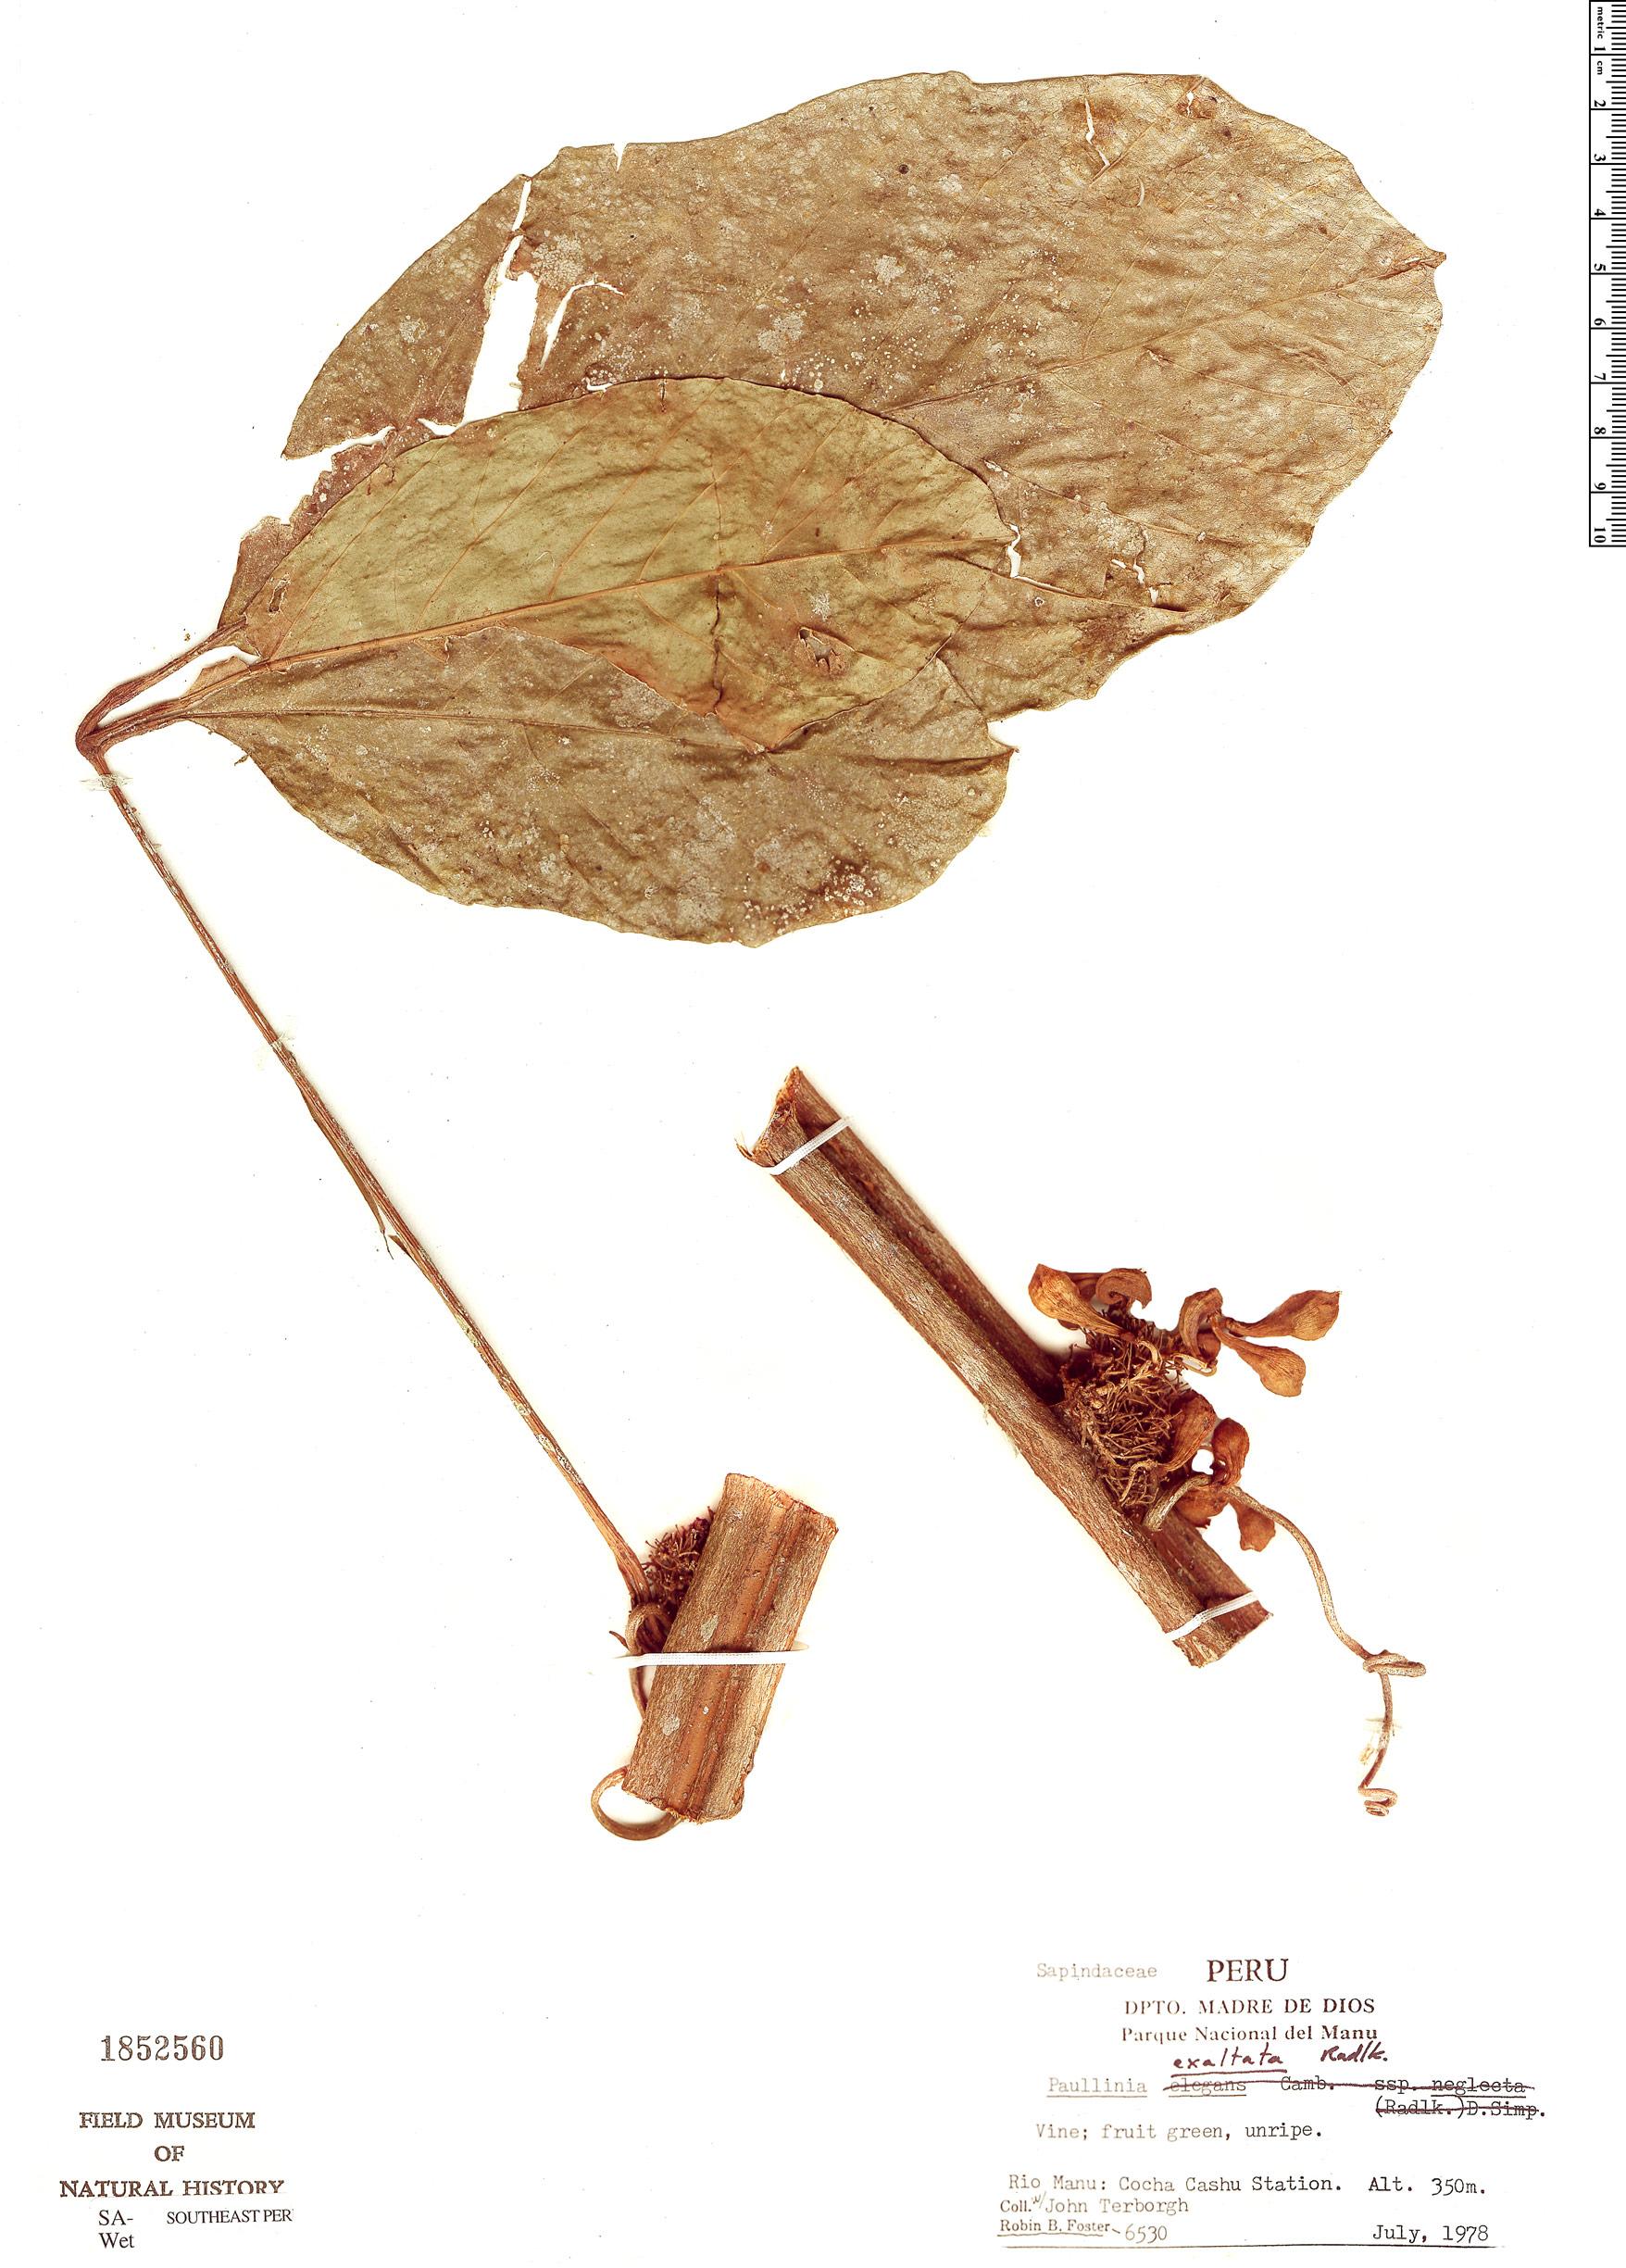 Specimen: Paullinia exalata